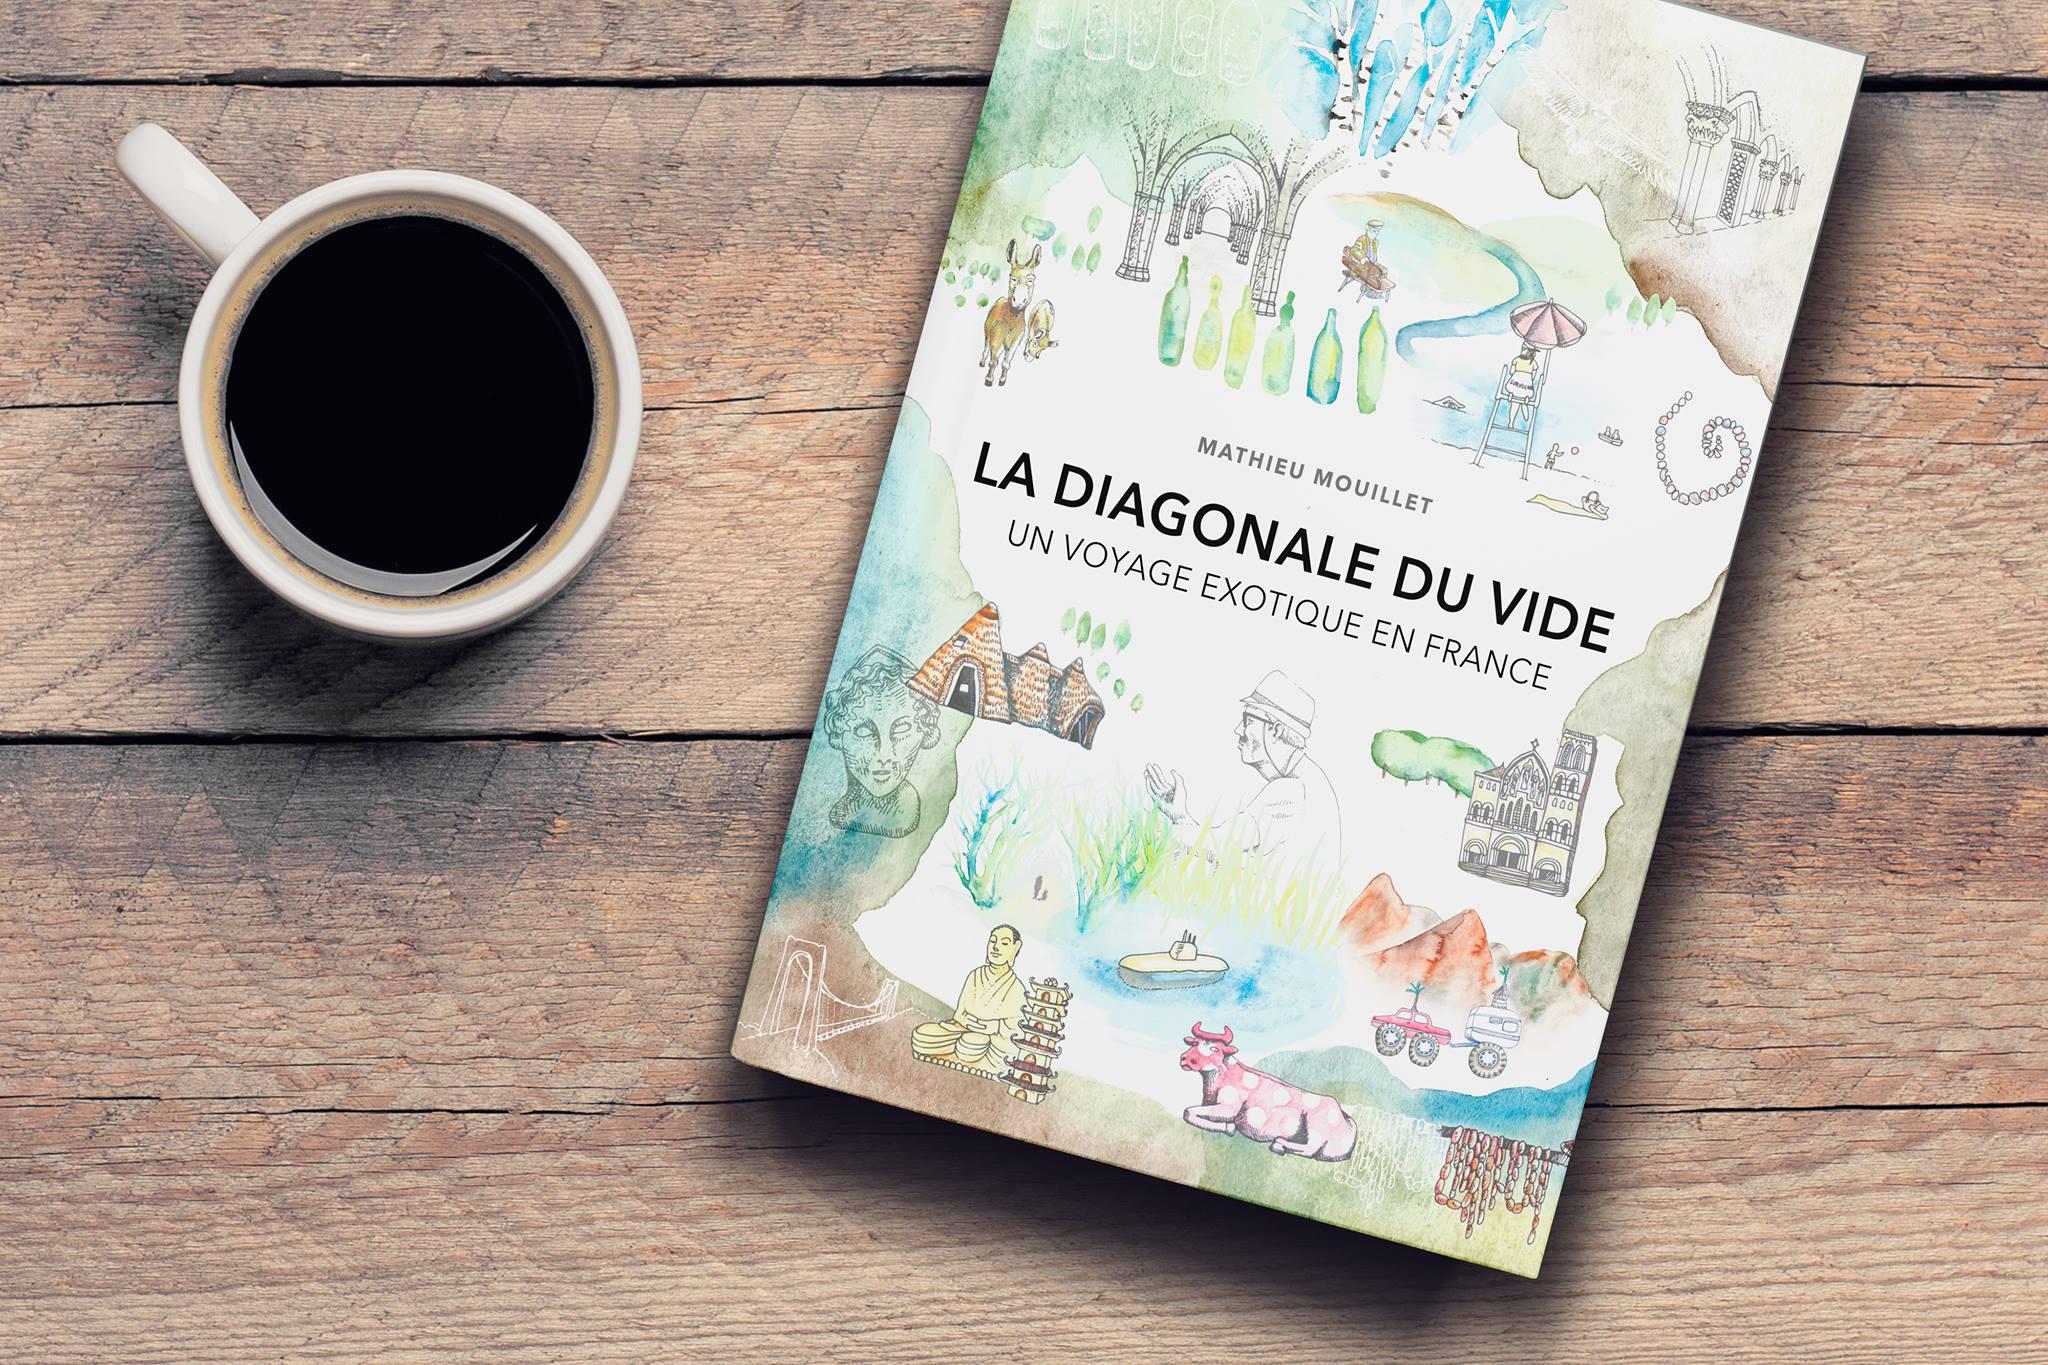 La diagonale du vide, le livre